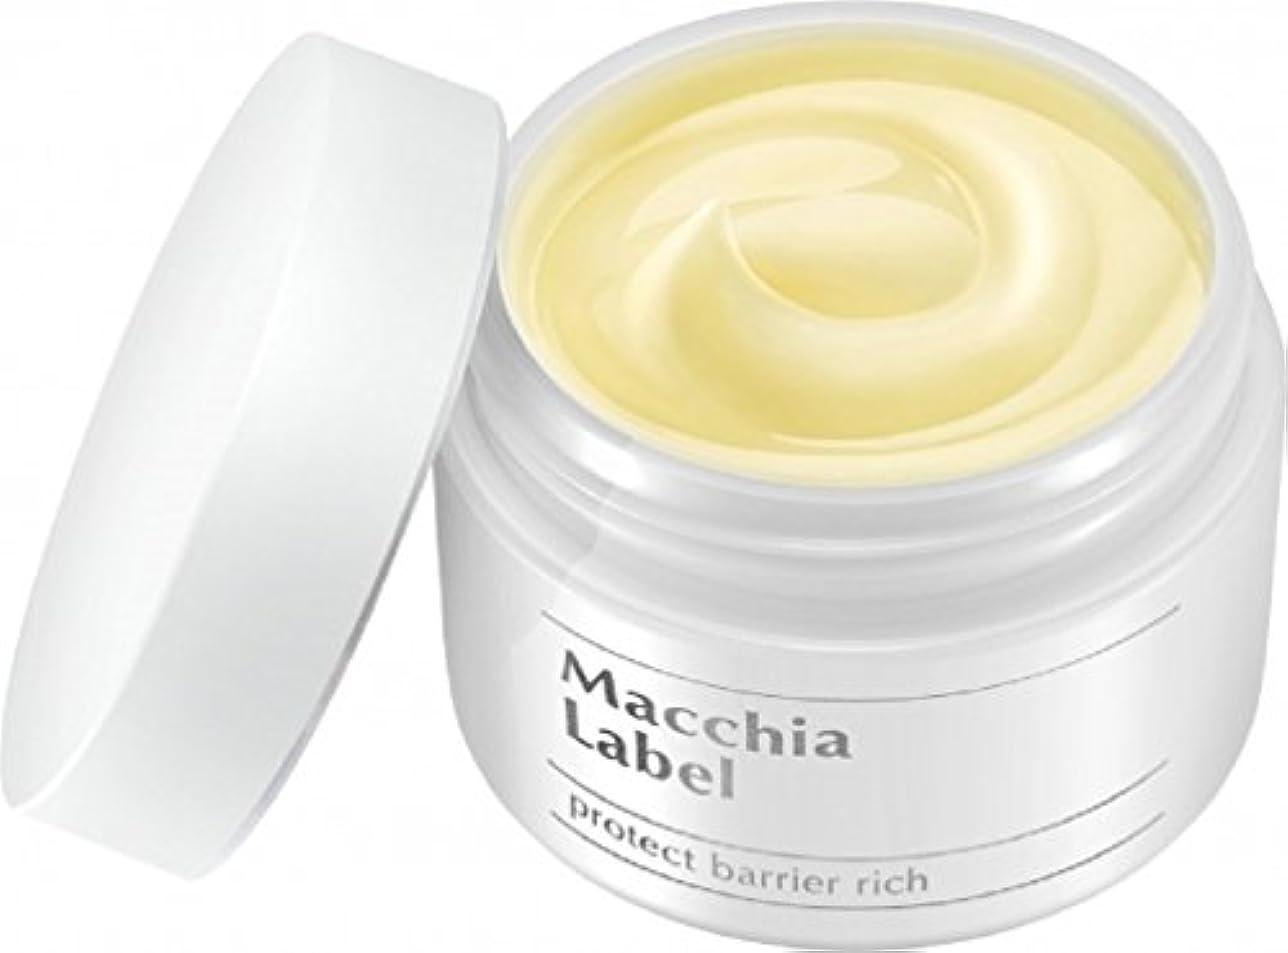 広がり争いぼんやりしたMacchiaLabel(マキアレイベル)プロテクトバリアリッチb 50g(高保湿ジェルクリーム)